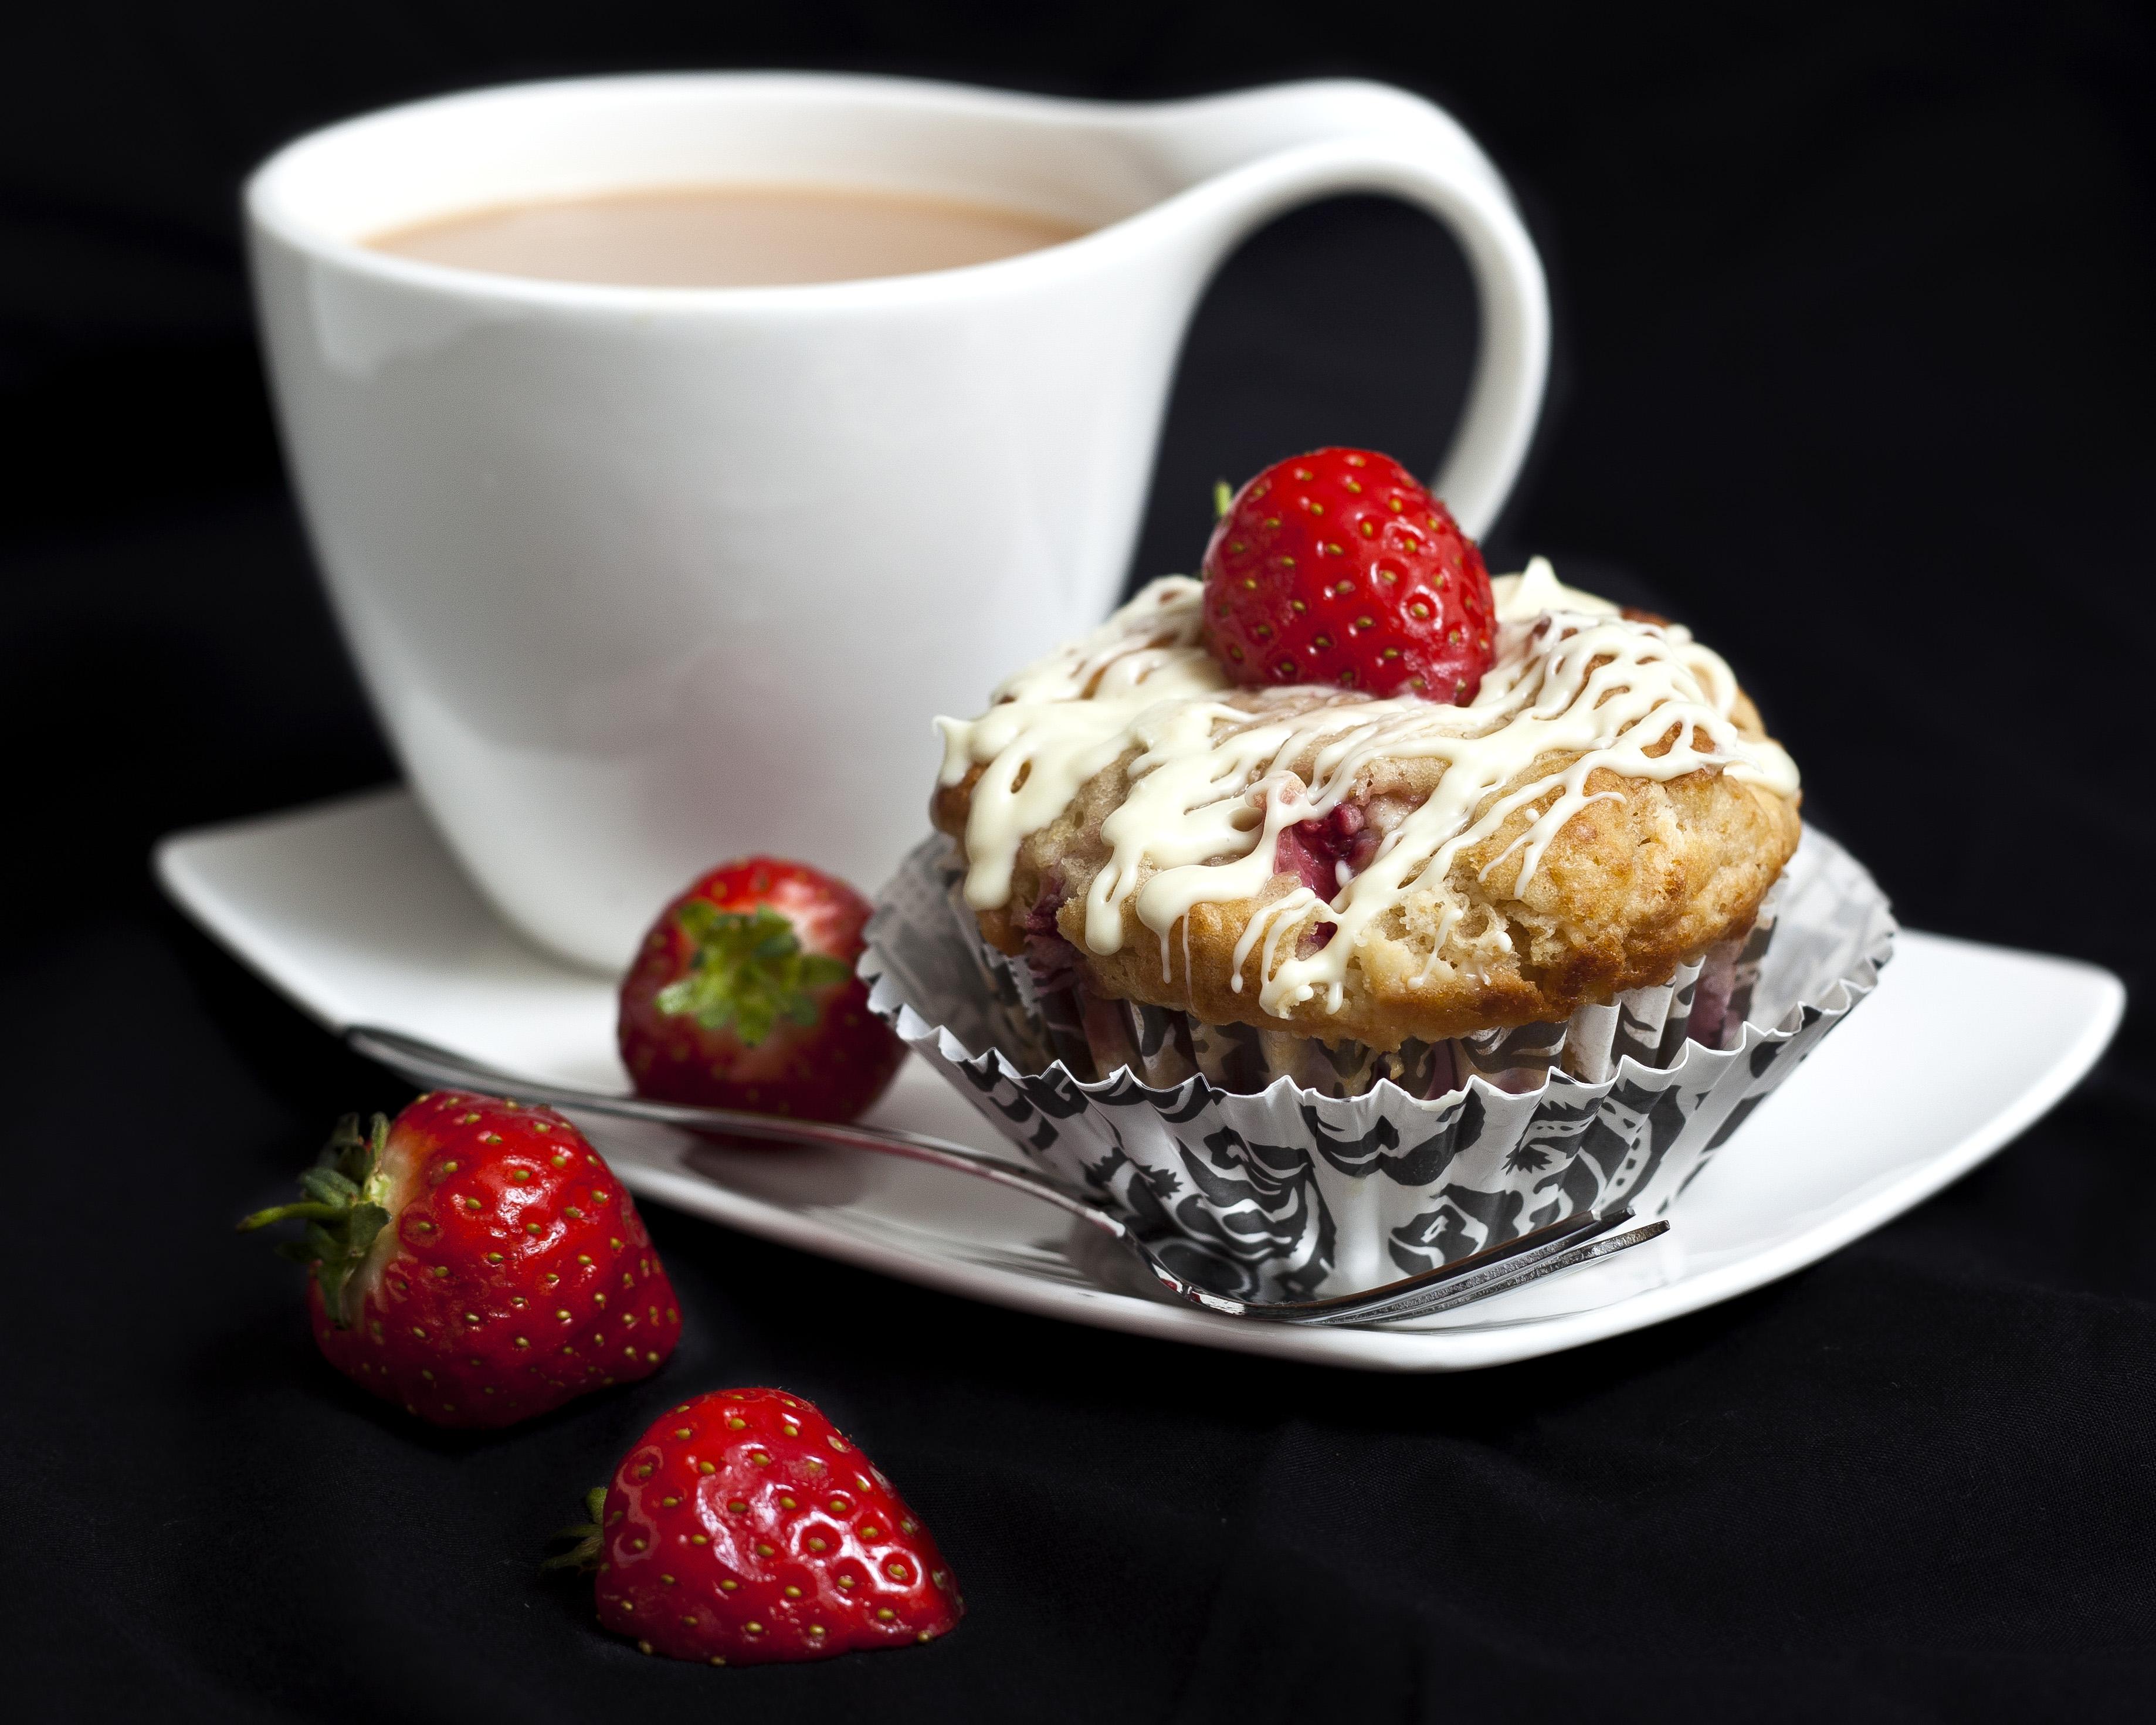 Пироженое с клюбникой и с чаем  № 2153877 без смс